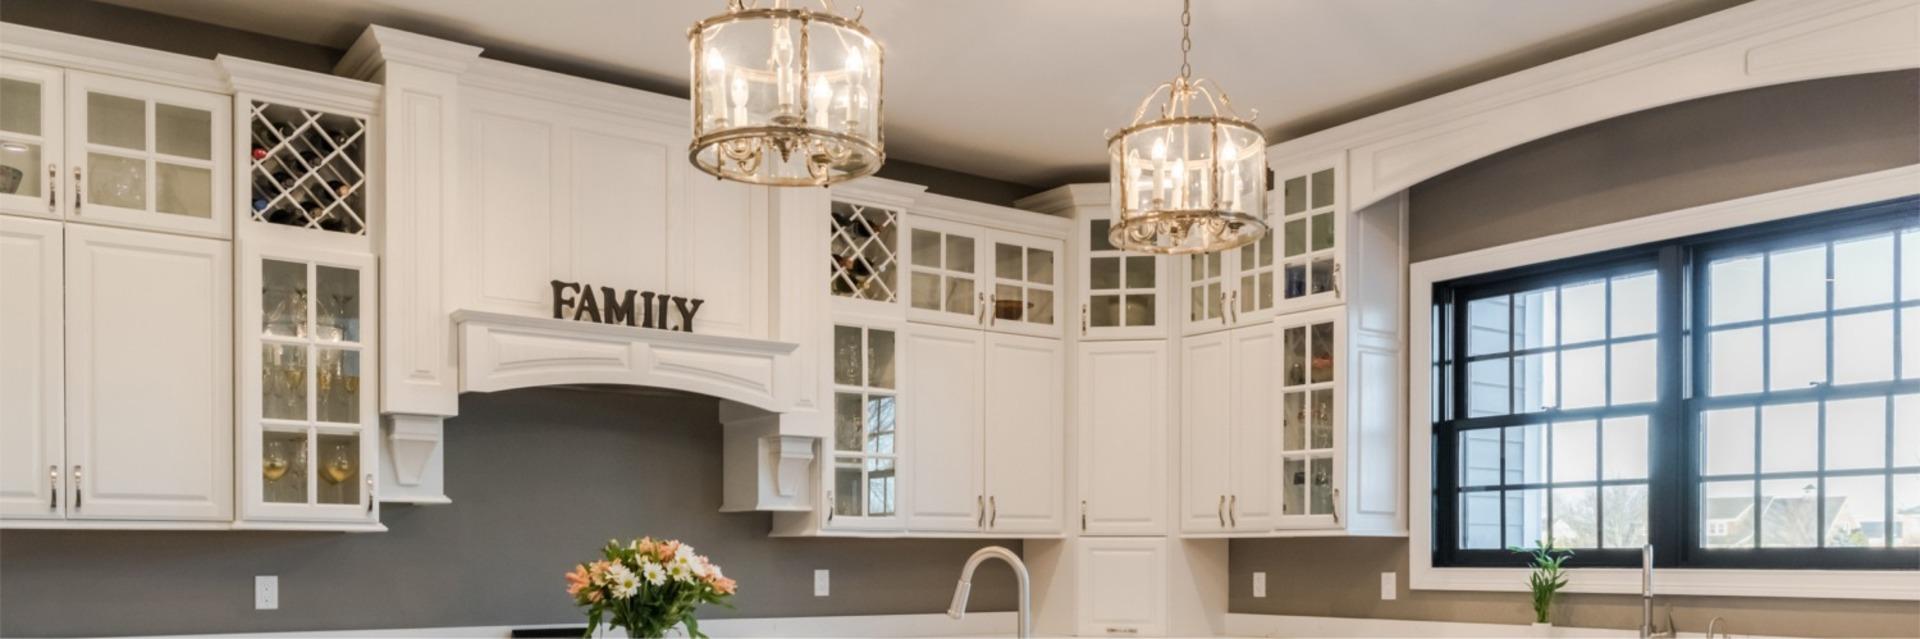 Consumers Kitchens & Baths- Commack, NY - NKBA